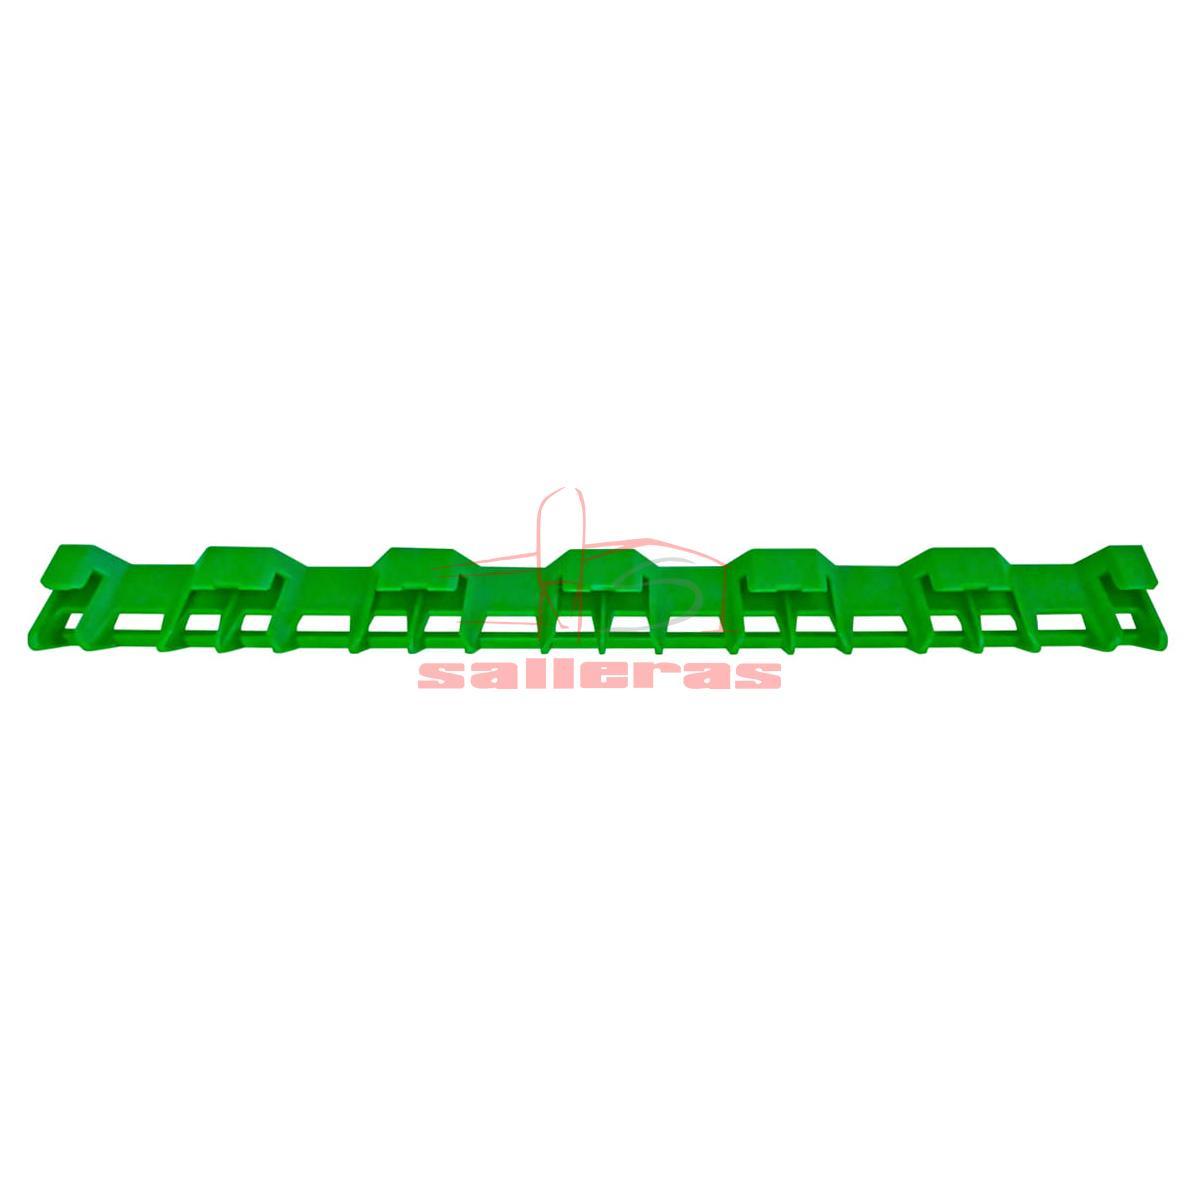 soporte verde para placas calefactoras